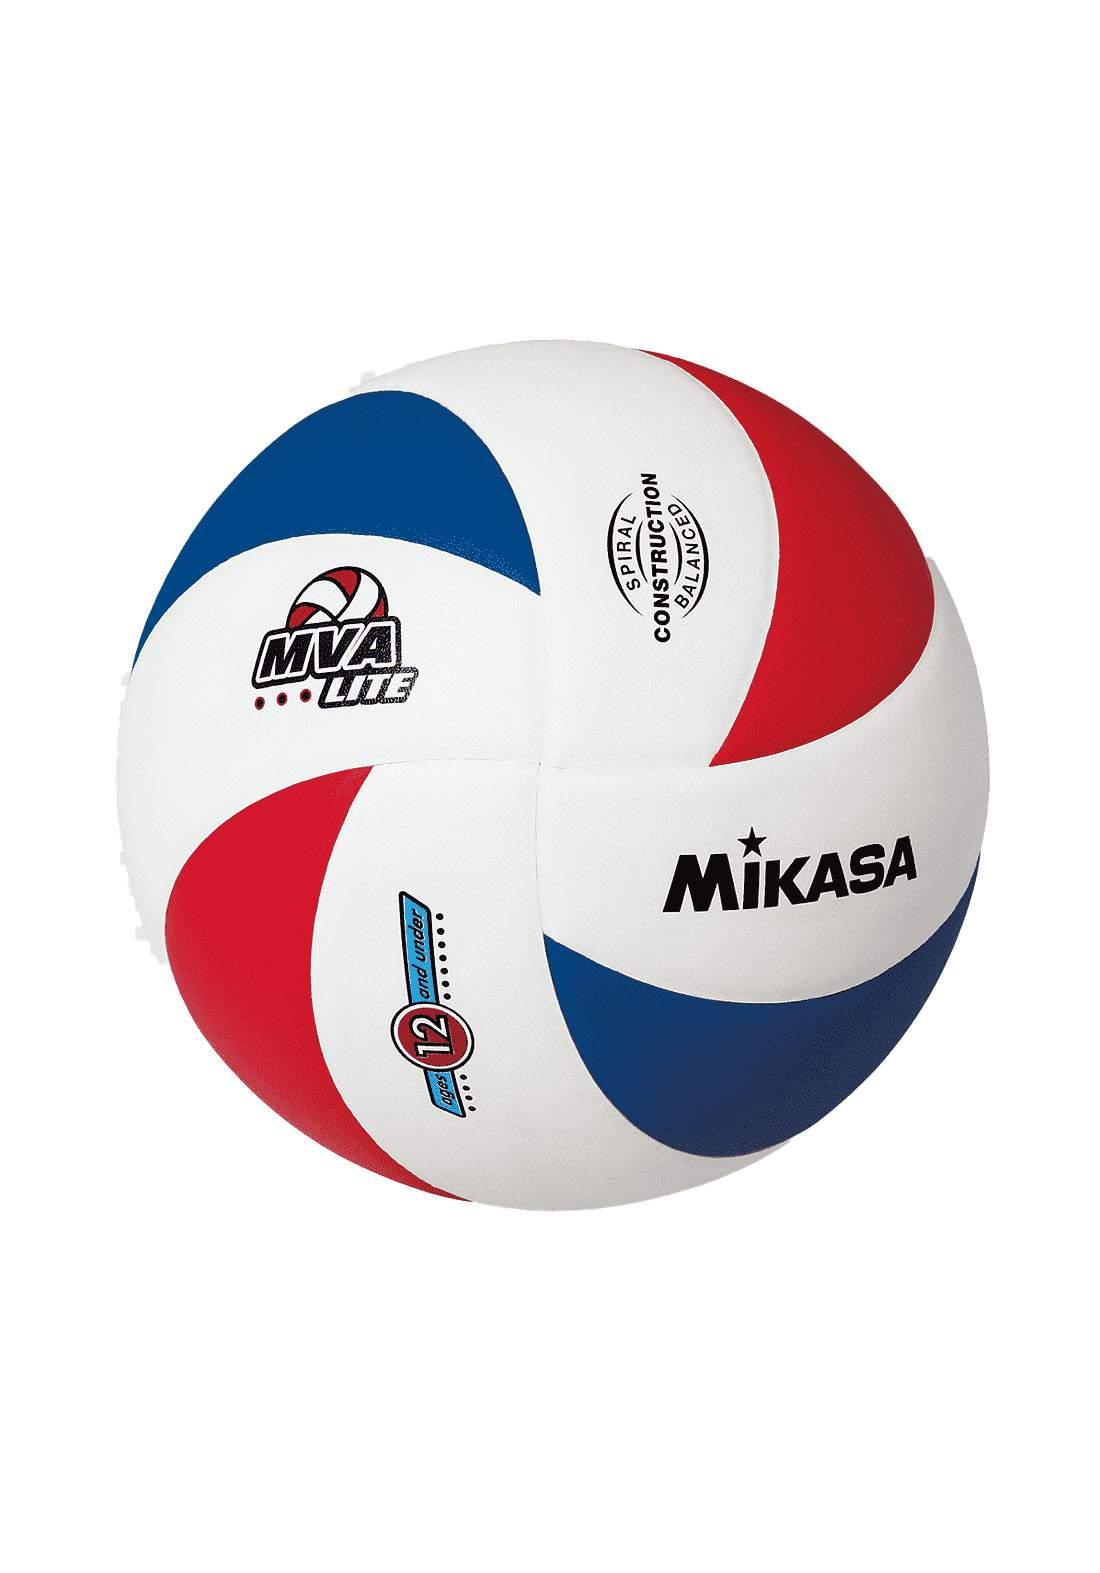 كرة طائرة من Mikasa ابيض اللون